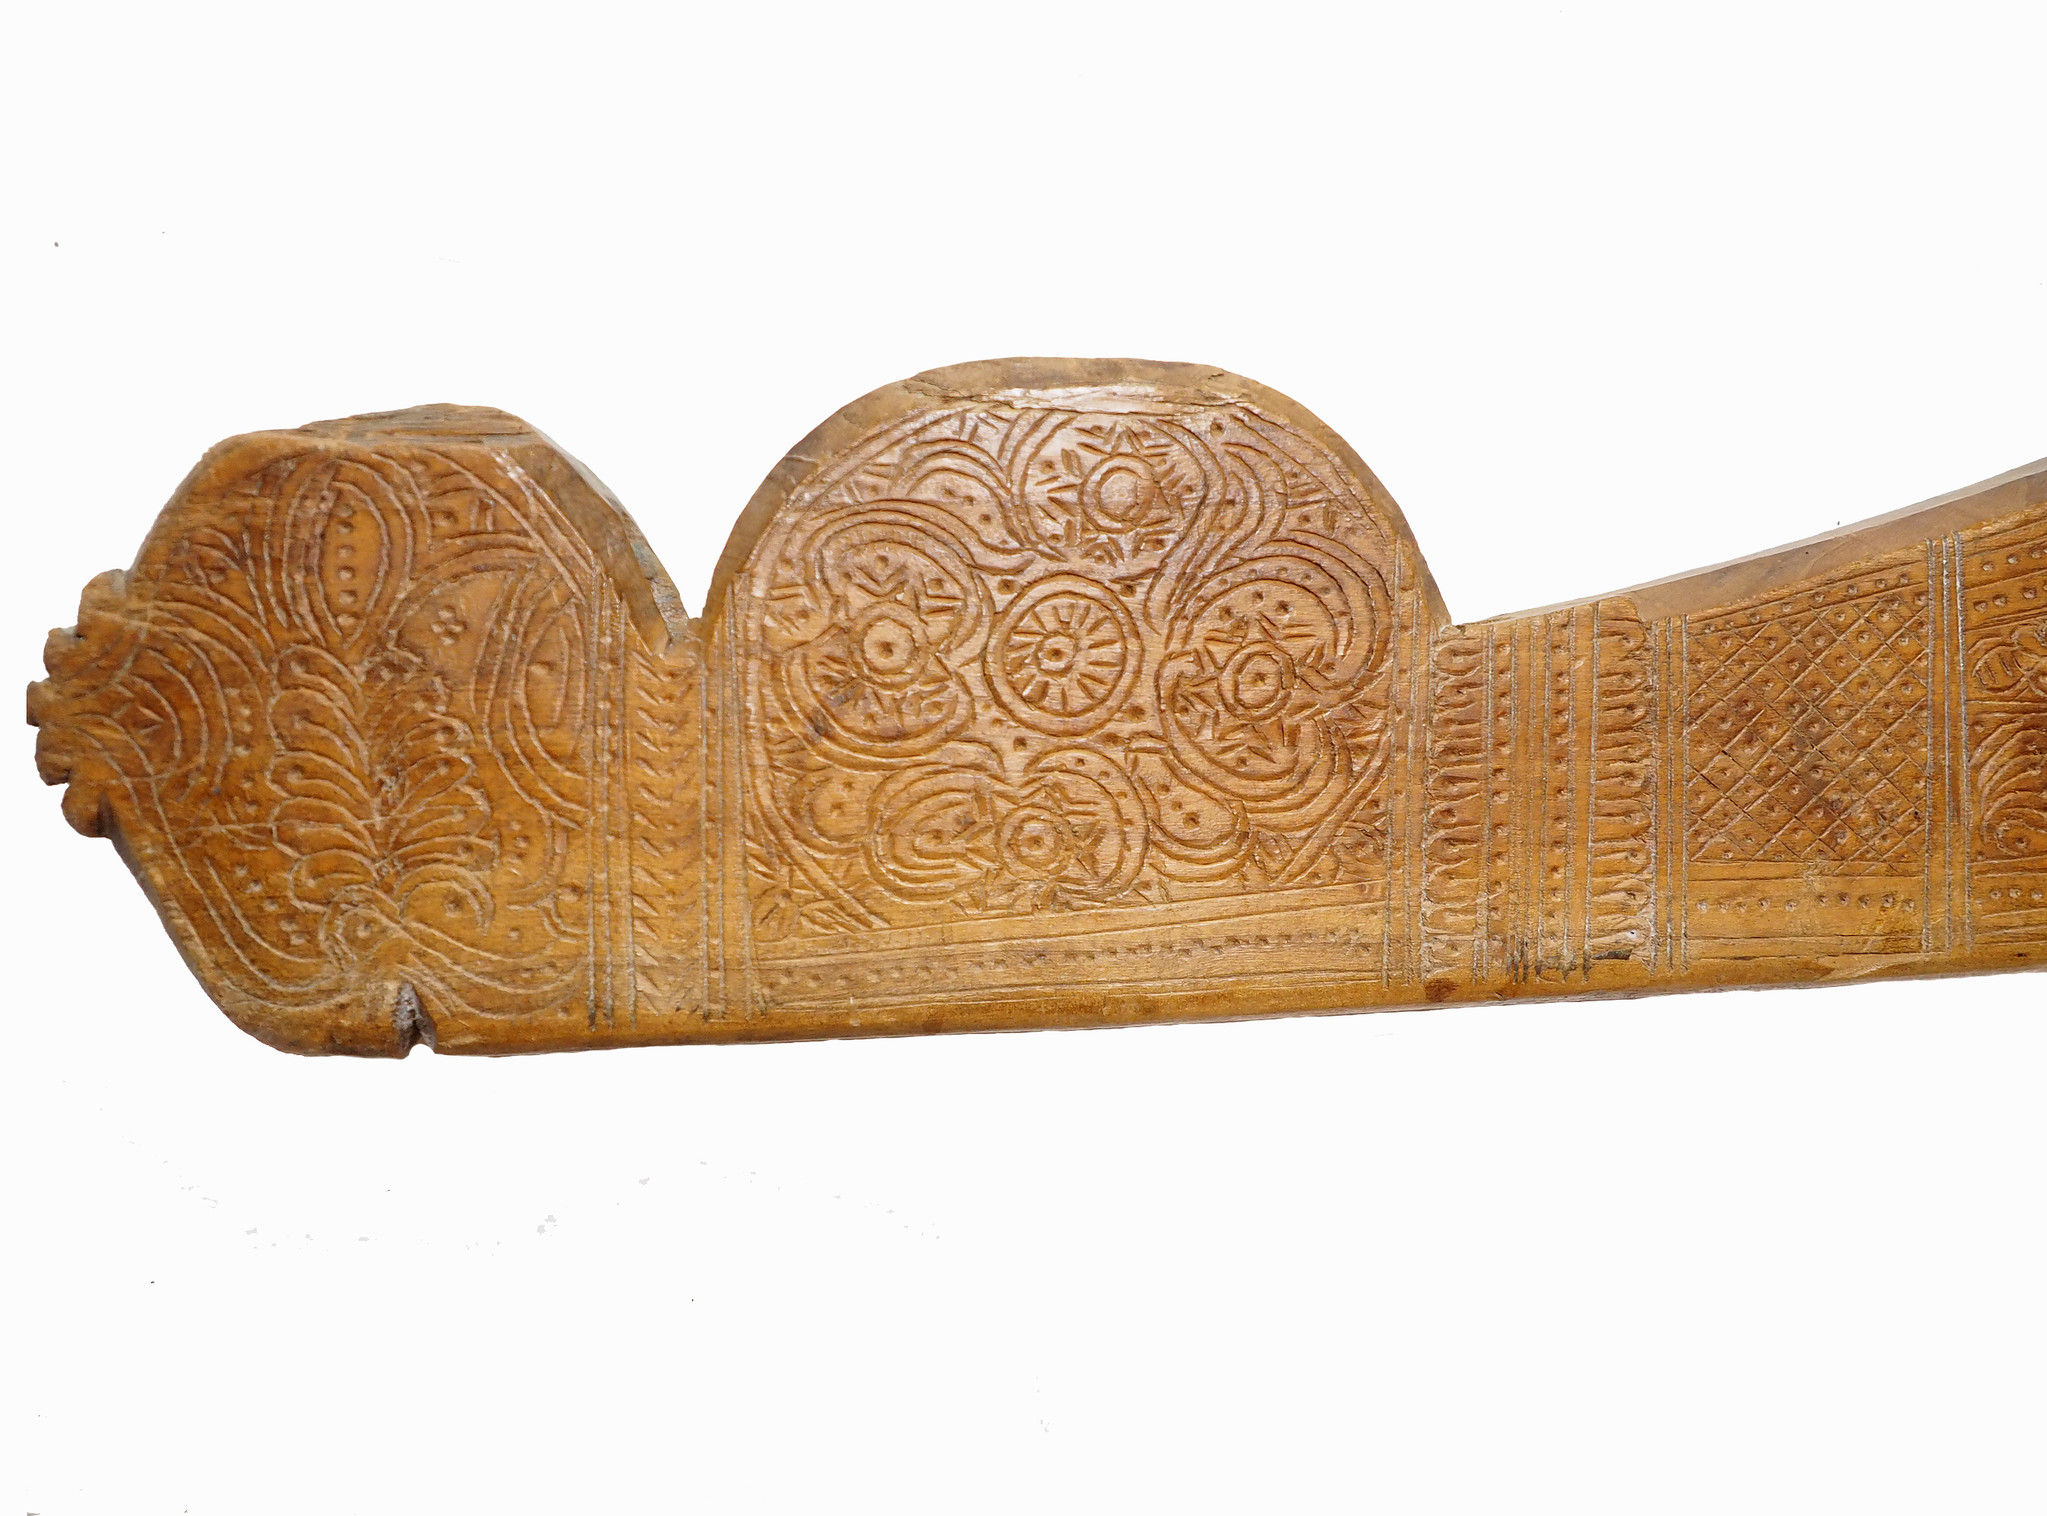 Antique wooden Yoke Joch Nuristan Afghanistan  Swat-Valley pakistan No:ULM/A